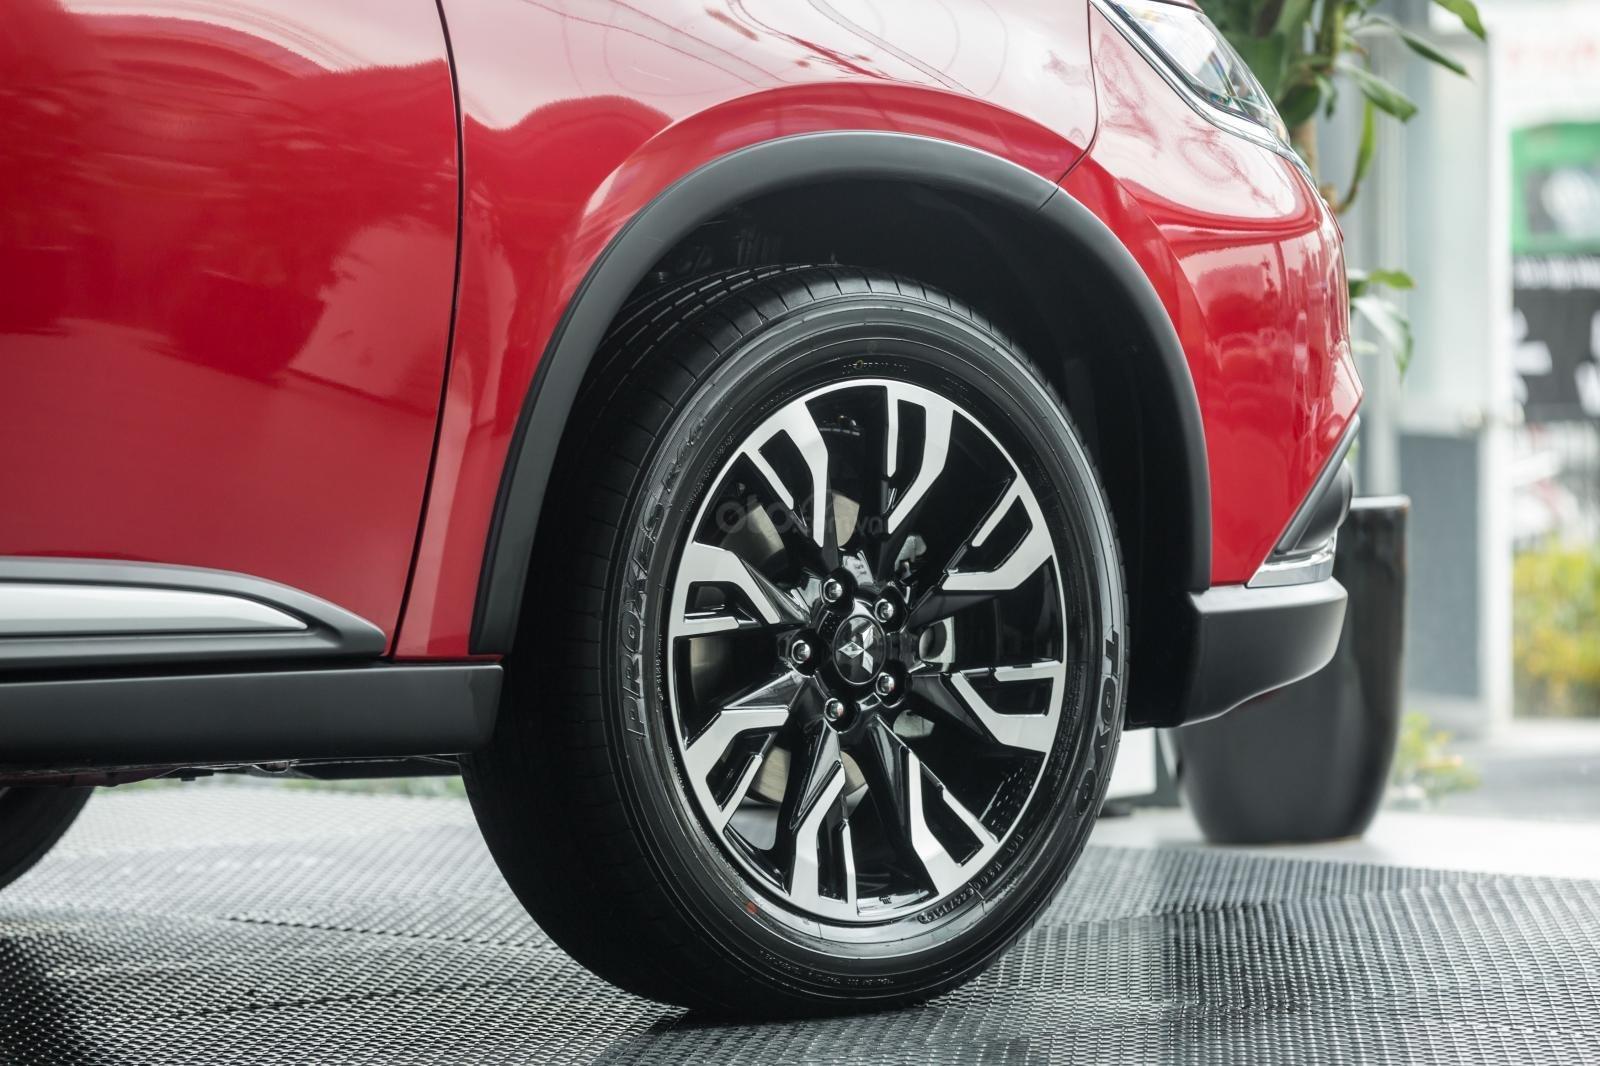 [Mitsubishi Isamco] Mitsubishi Outlander 2020, chỉ 825tr, ưu đãi tiền mặt cực khủng, trả góp 85% (4)